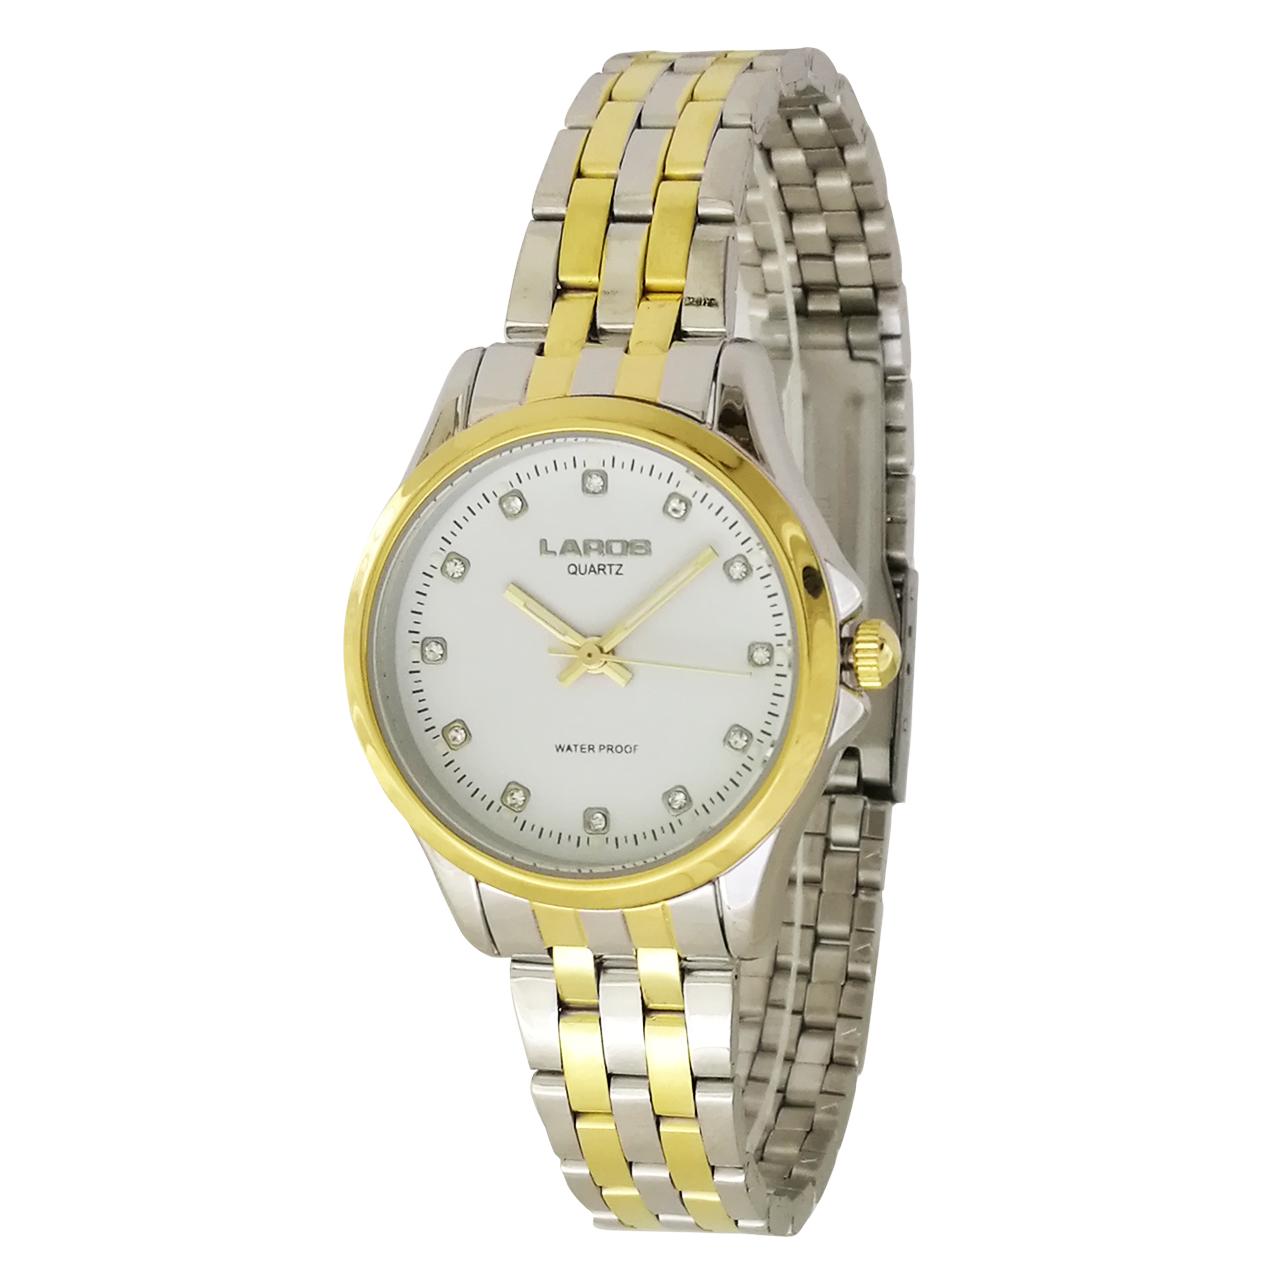 ساعت مچی عقربه ای زنانه لاروس مدل  0118-80227 به همراه دستمال مخصوص برند کلین واچ